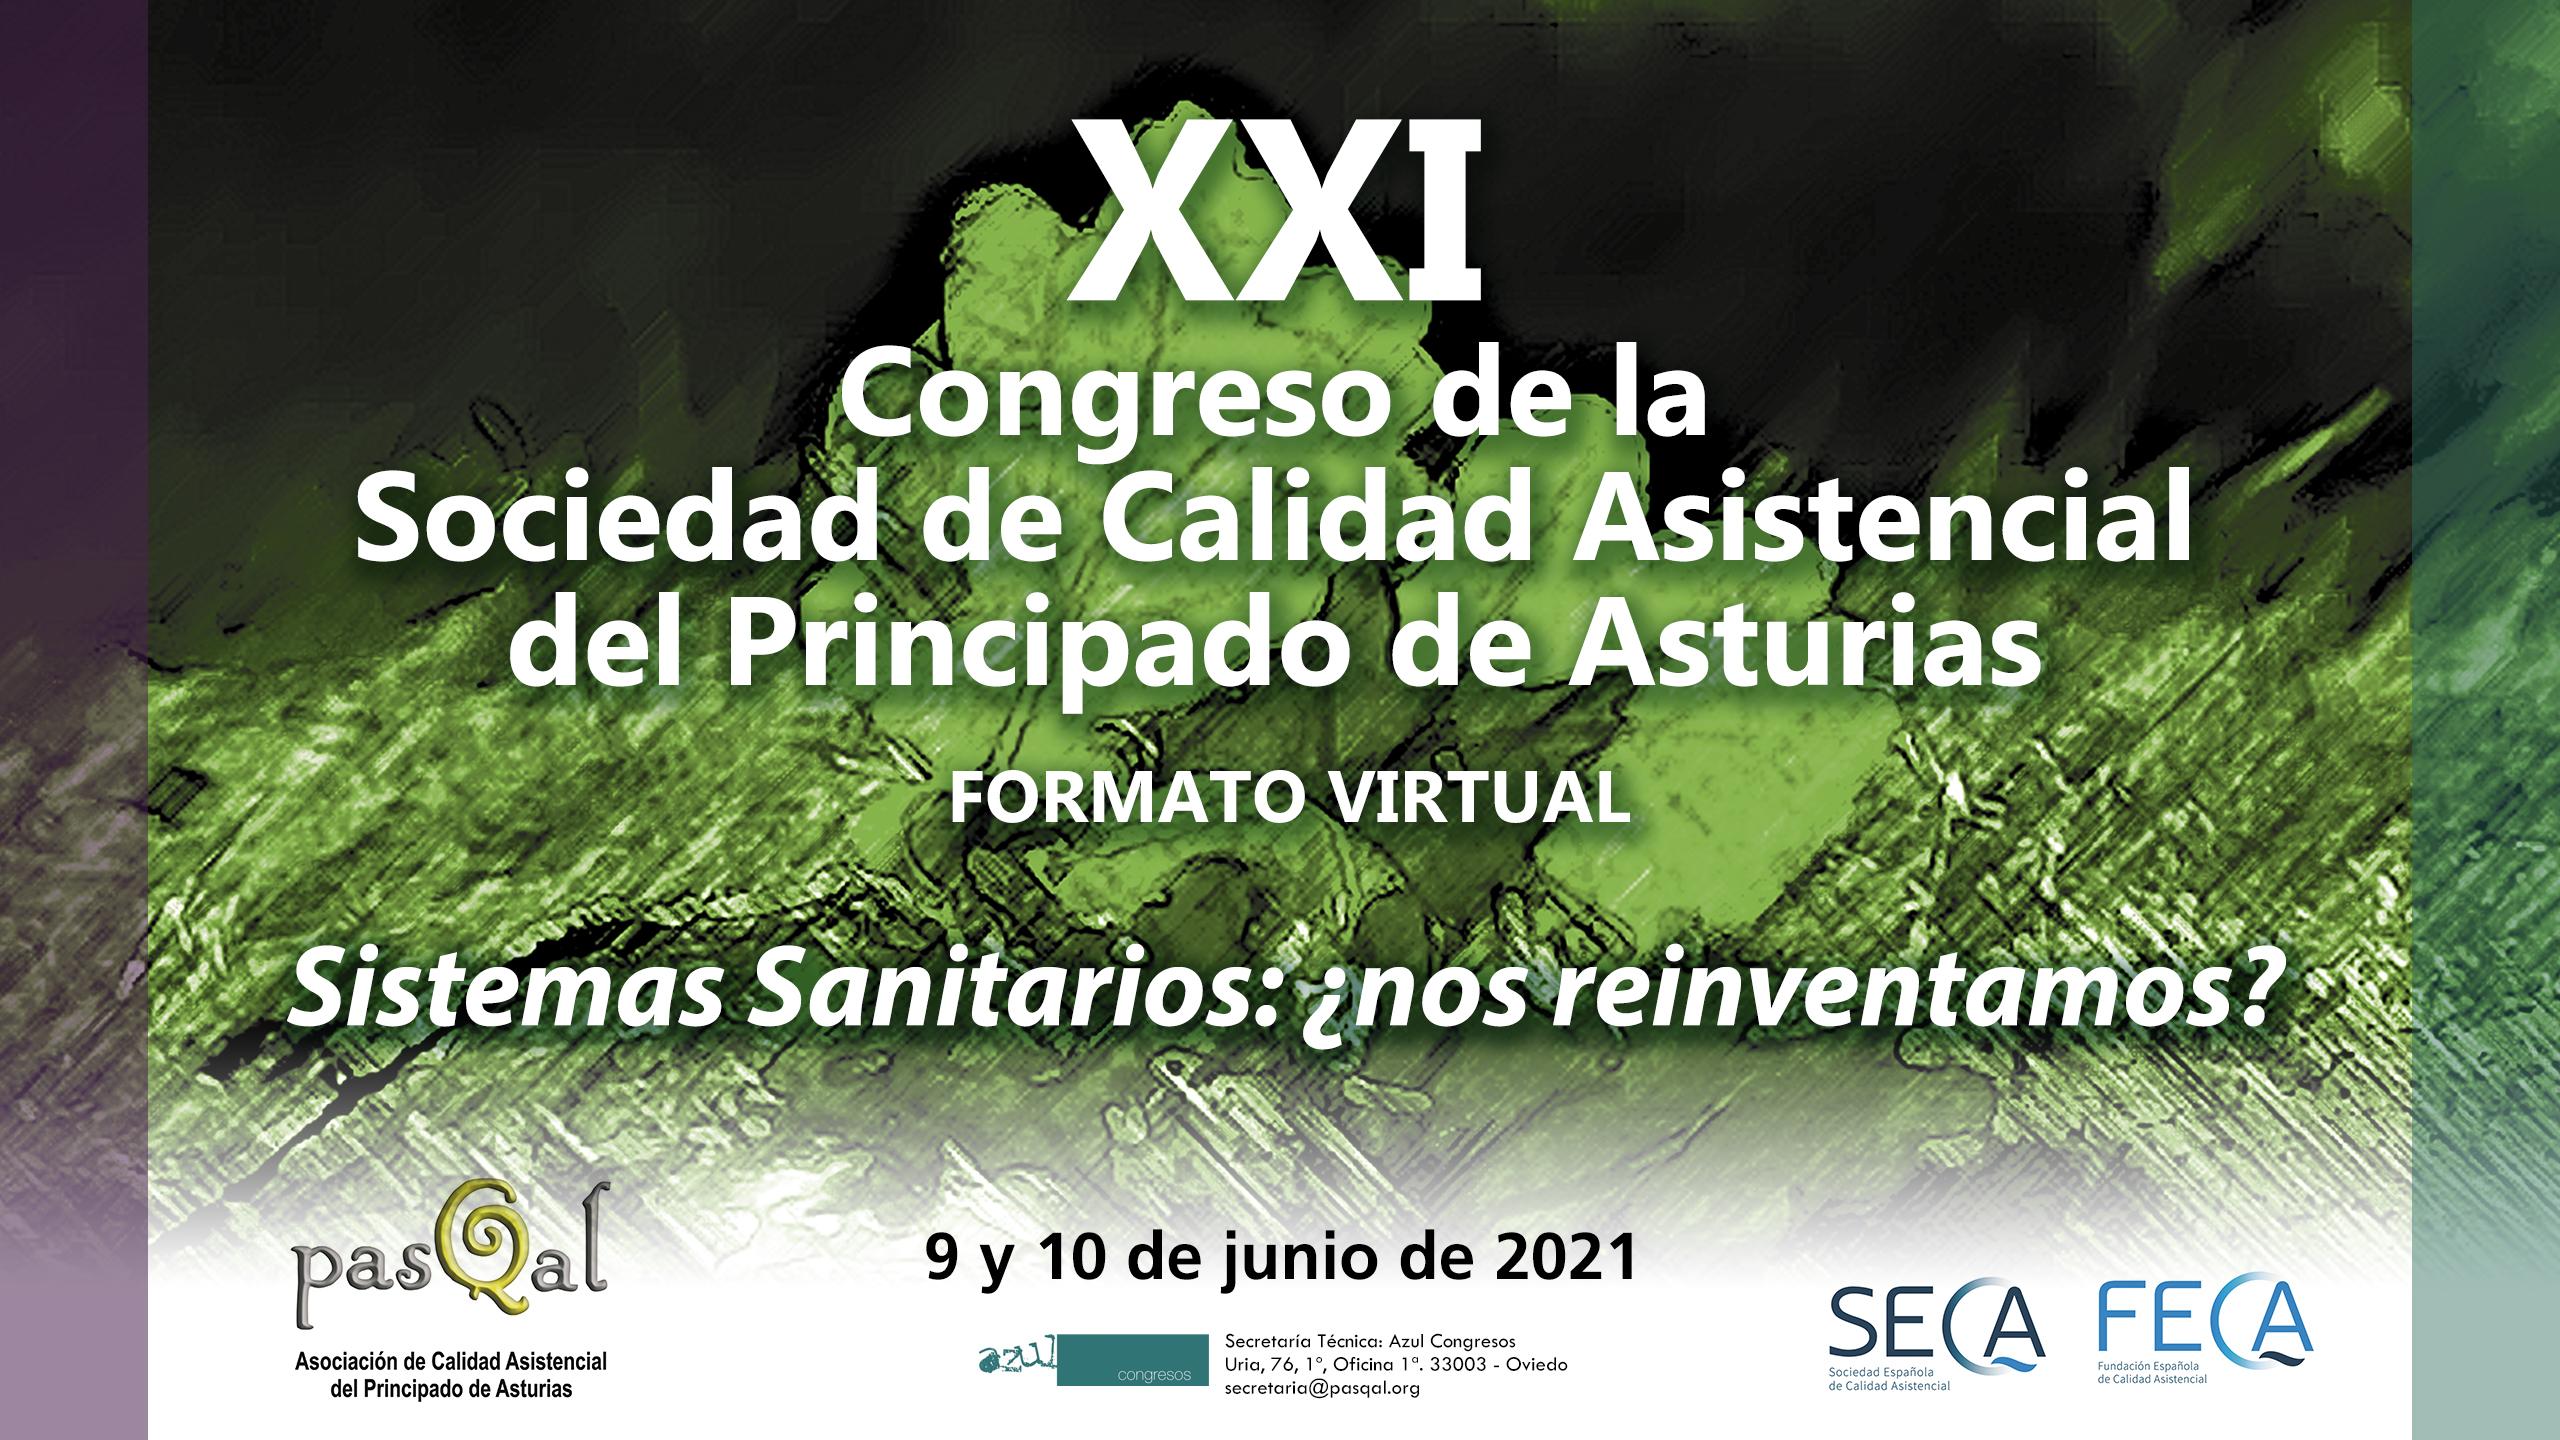 XXI Congreso PasQal